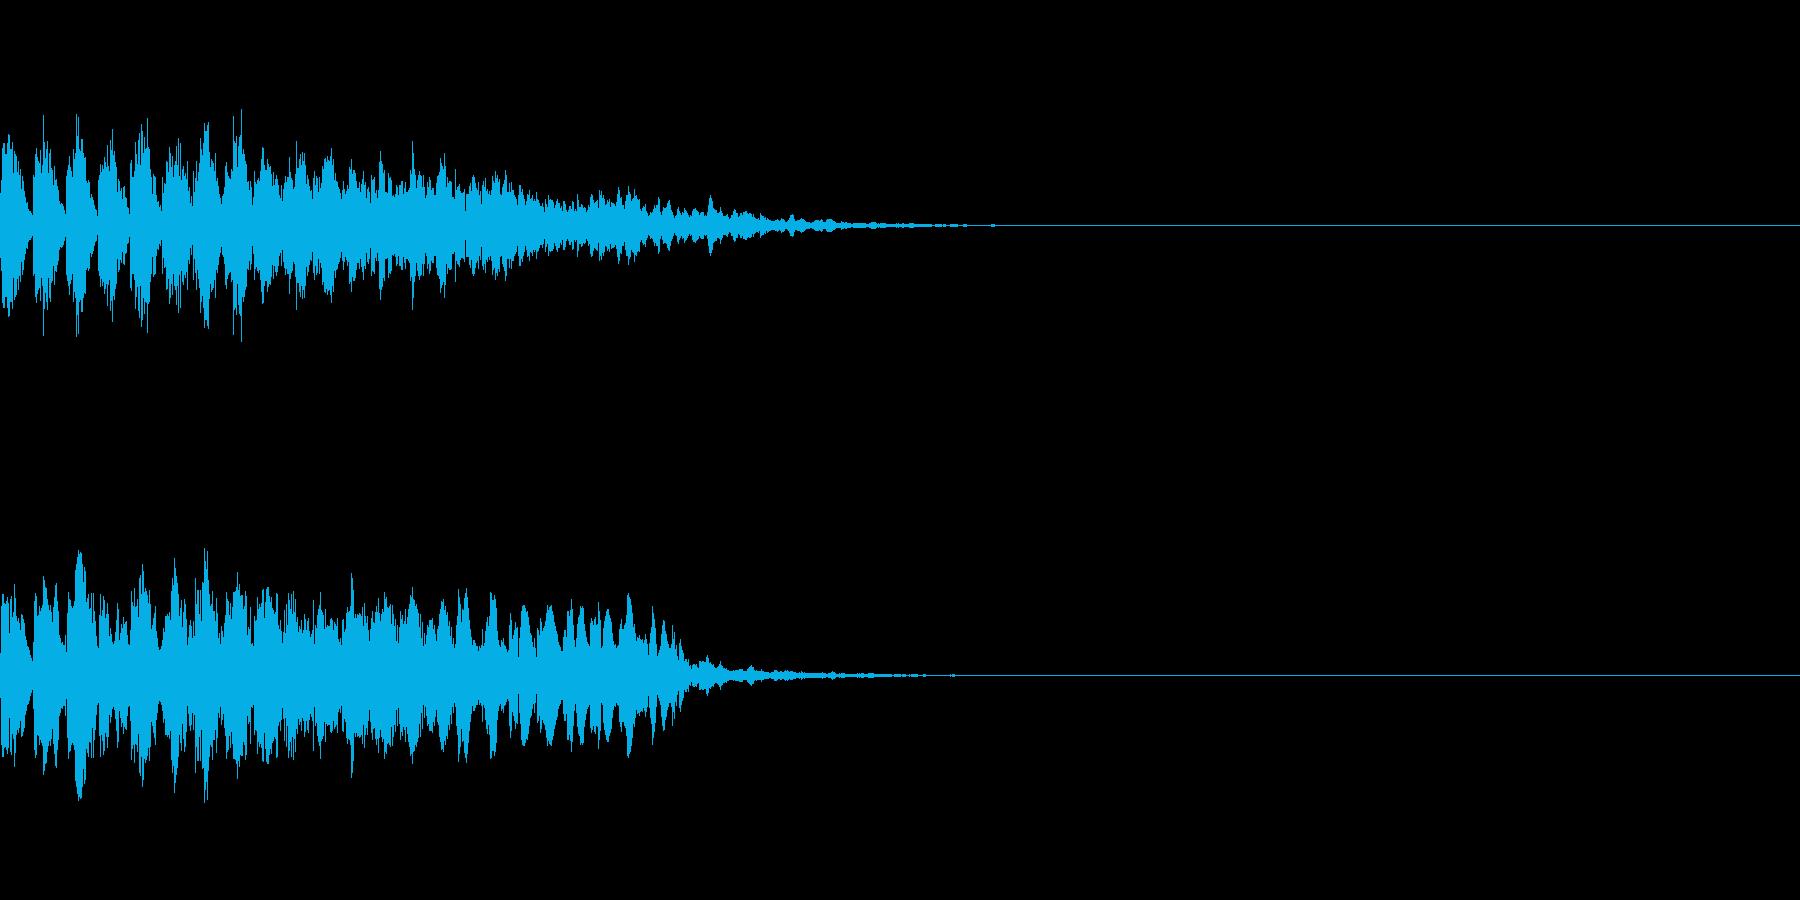 瞬間移動/回想シーン/タイムワープ Aの再生済みの波形